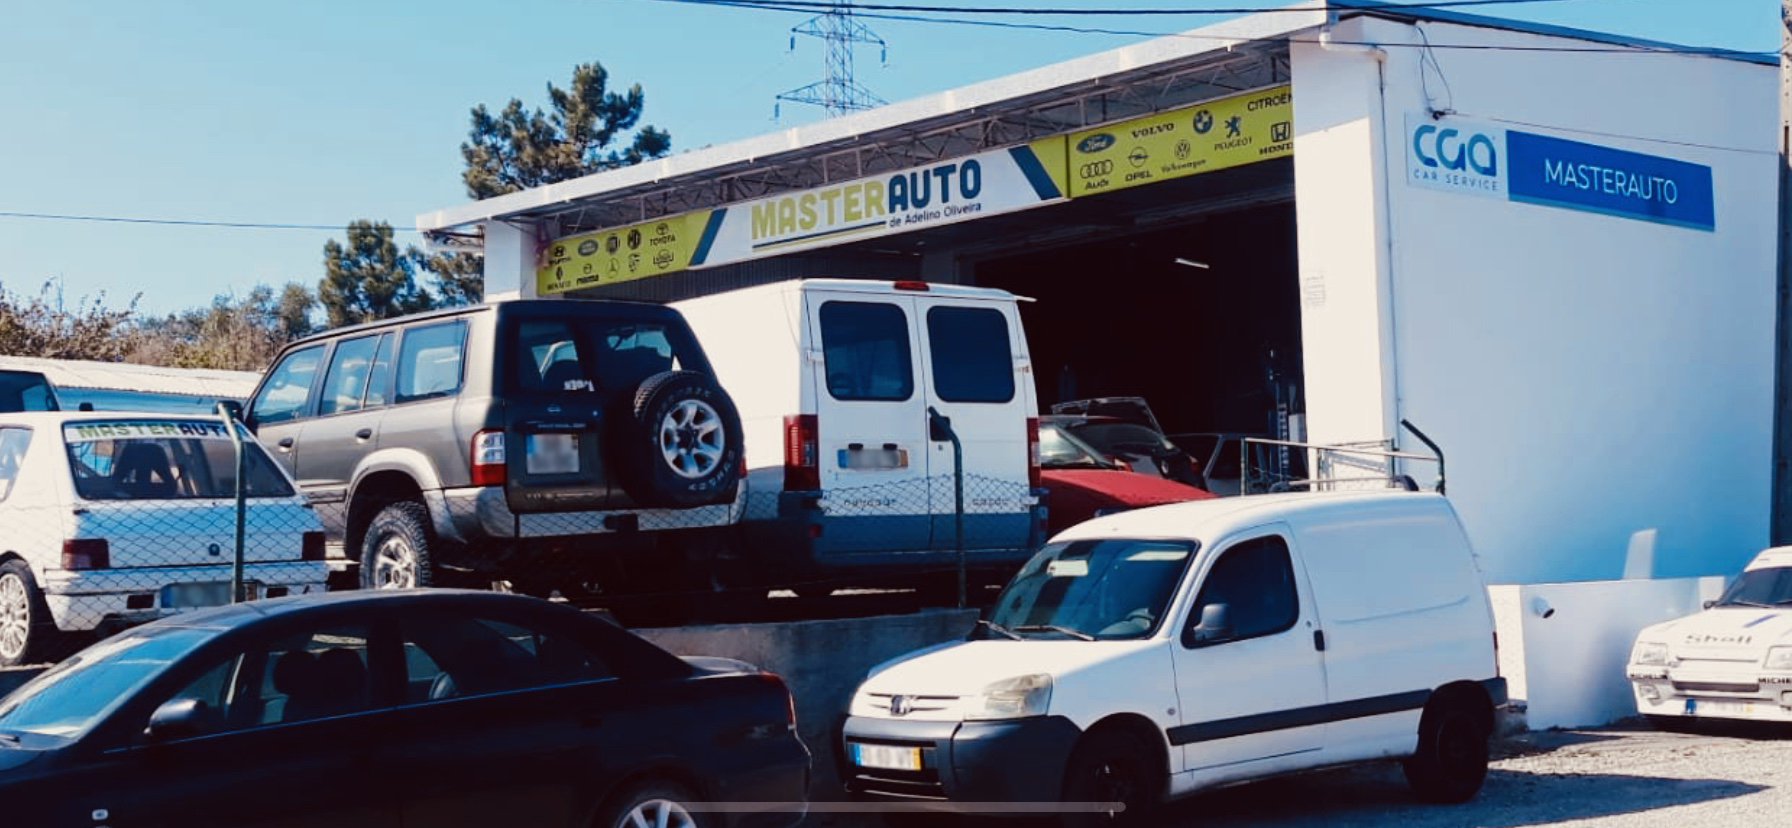 Master Auto aderiu CGA Car Service multipartes auto delta